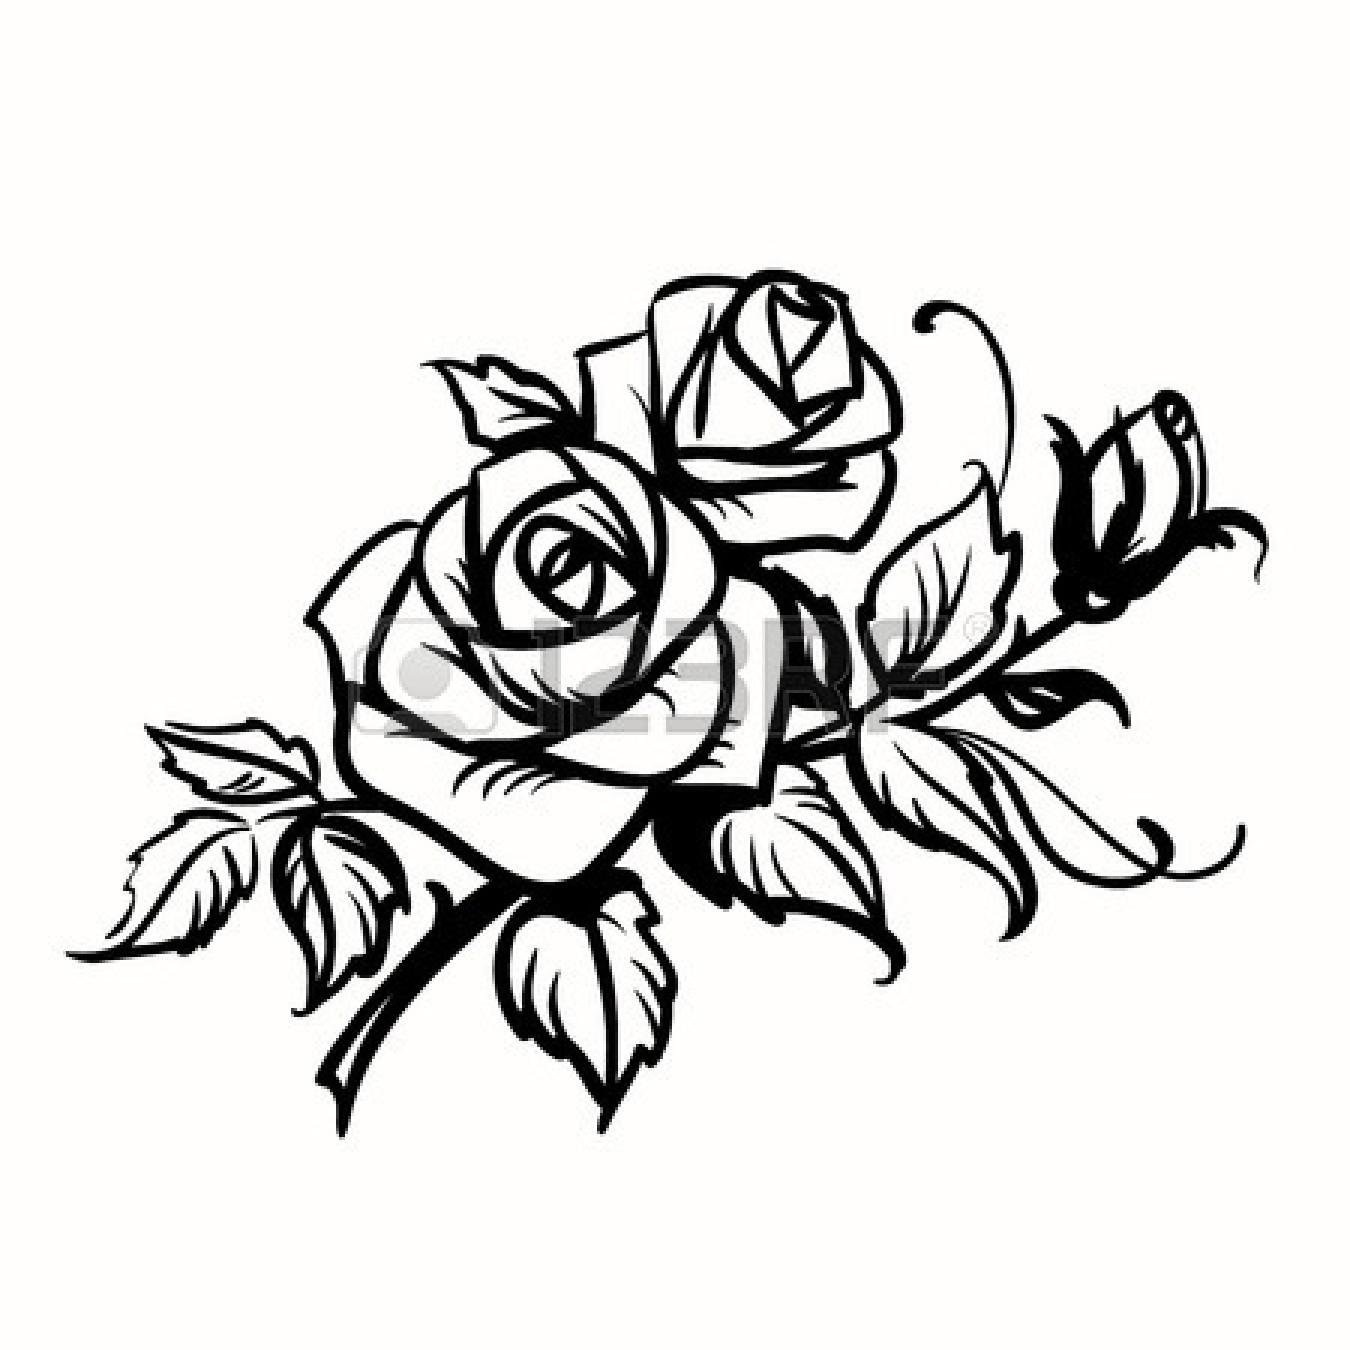 1350x1350 Rose Line Drawing Clip Art Knumathise Rose Clip Art Outline Images